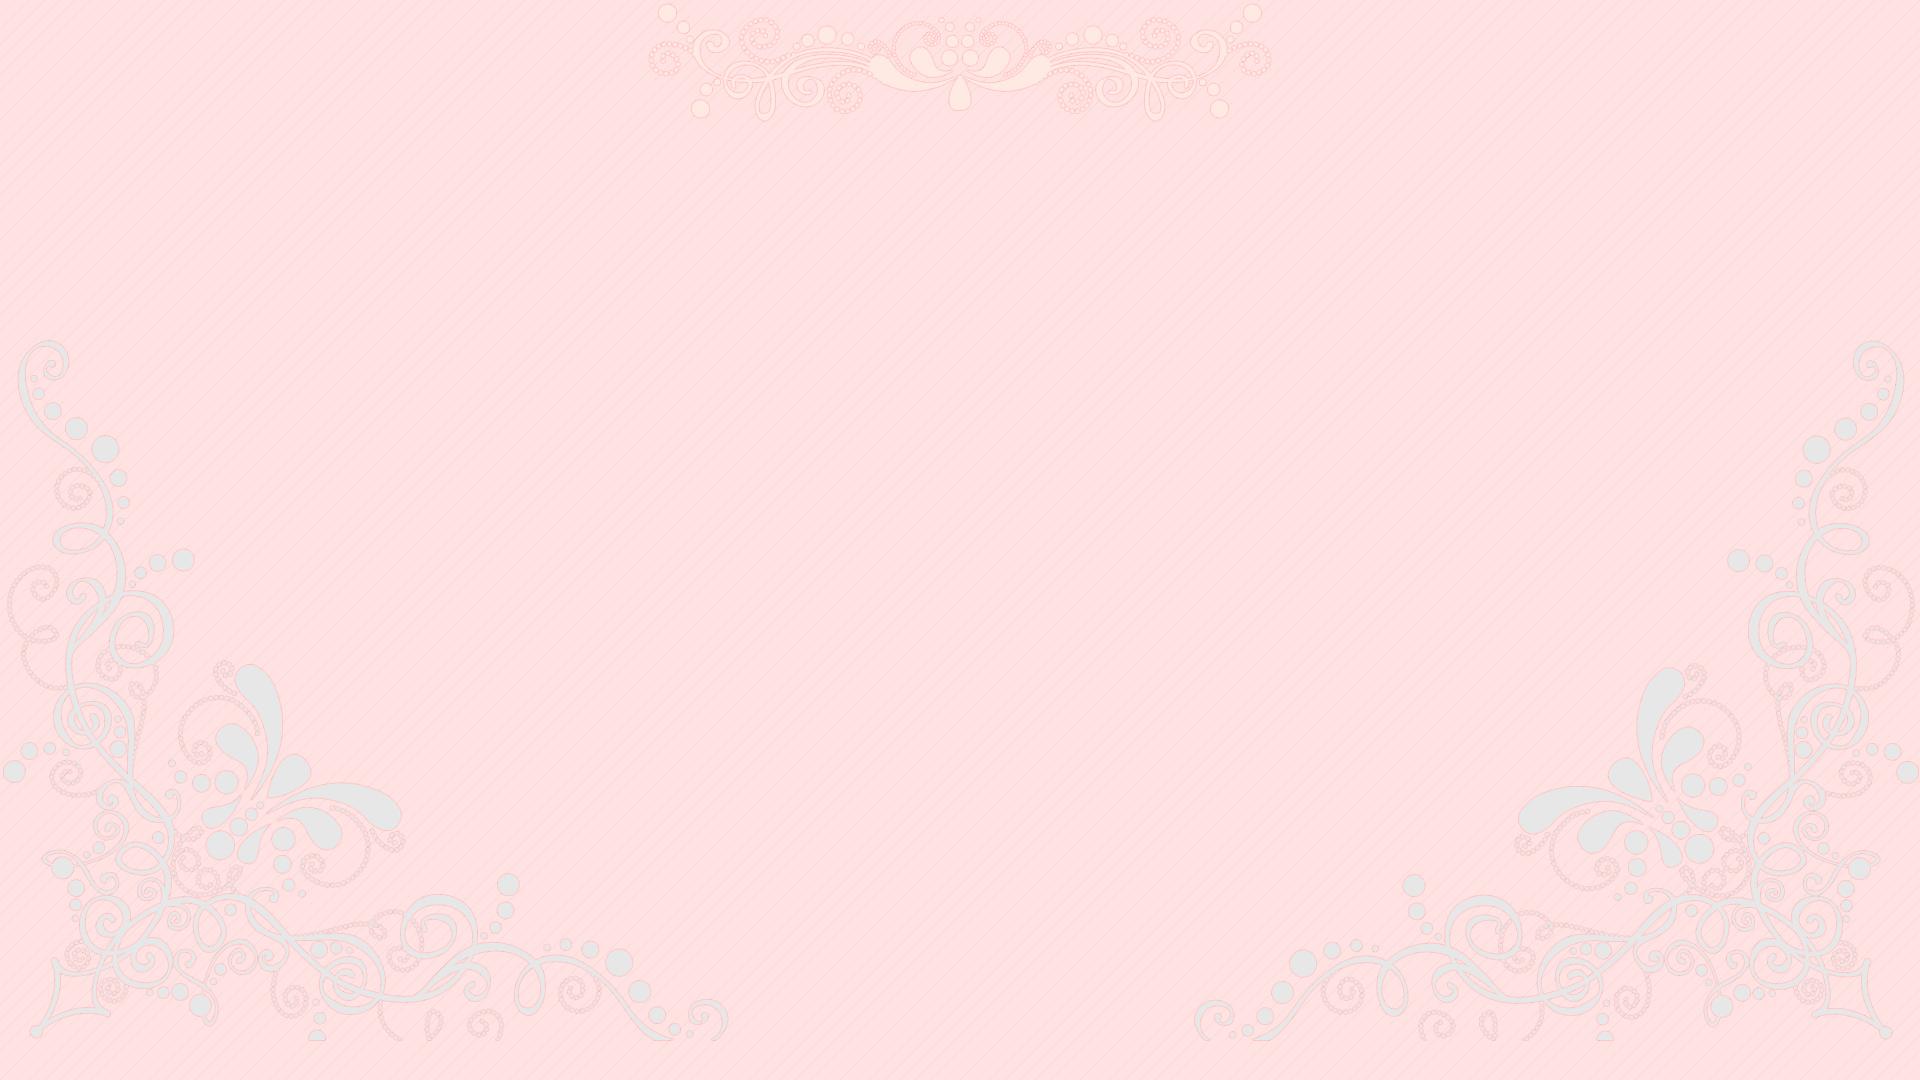 Pretty Pastel Pink Desktop Wallpaper 1920x1080 by cupcakekitten20 on 1920x1080